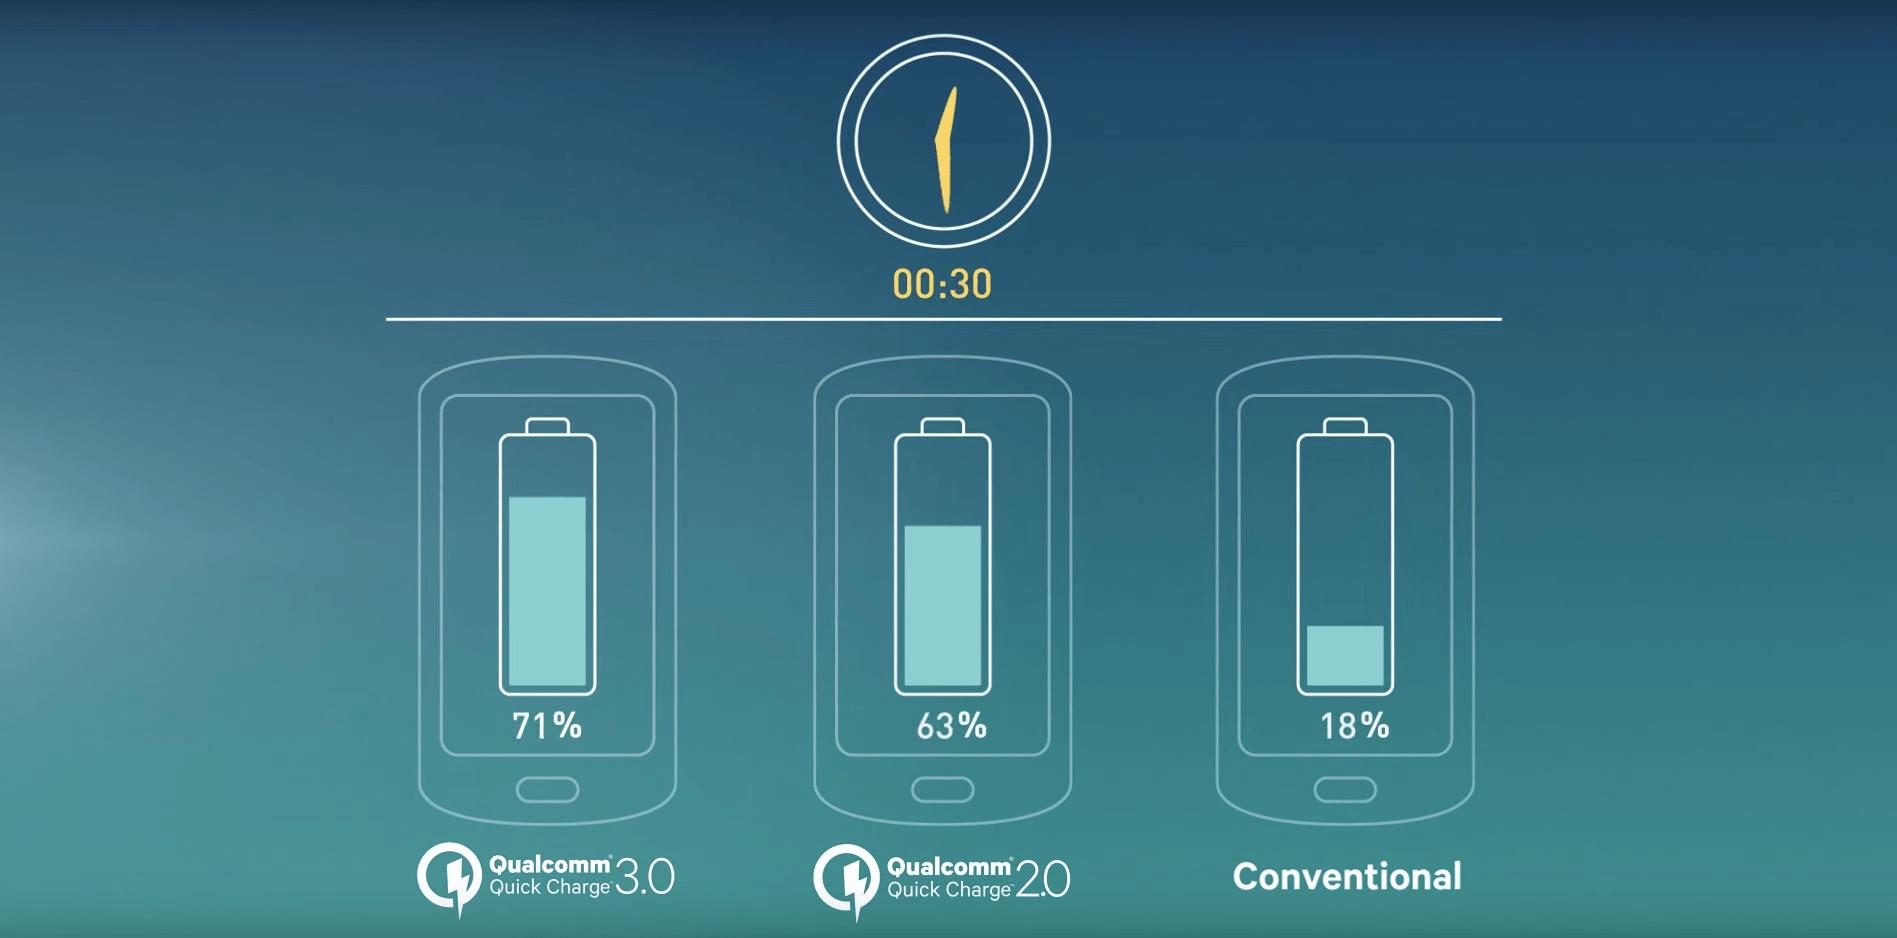 Qualcomm devrait bientôt présenter Quick Charge 4.0